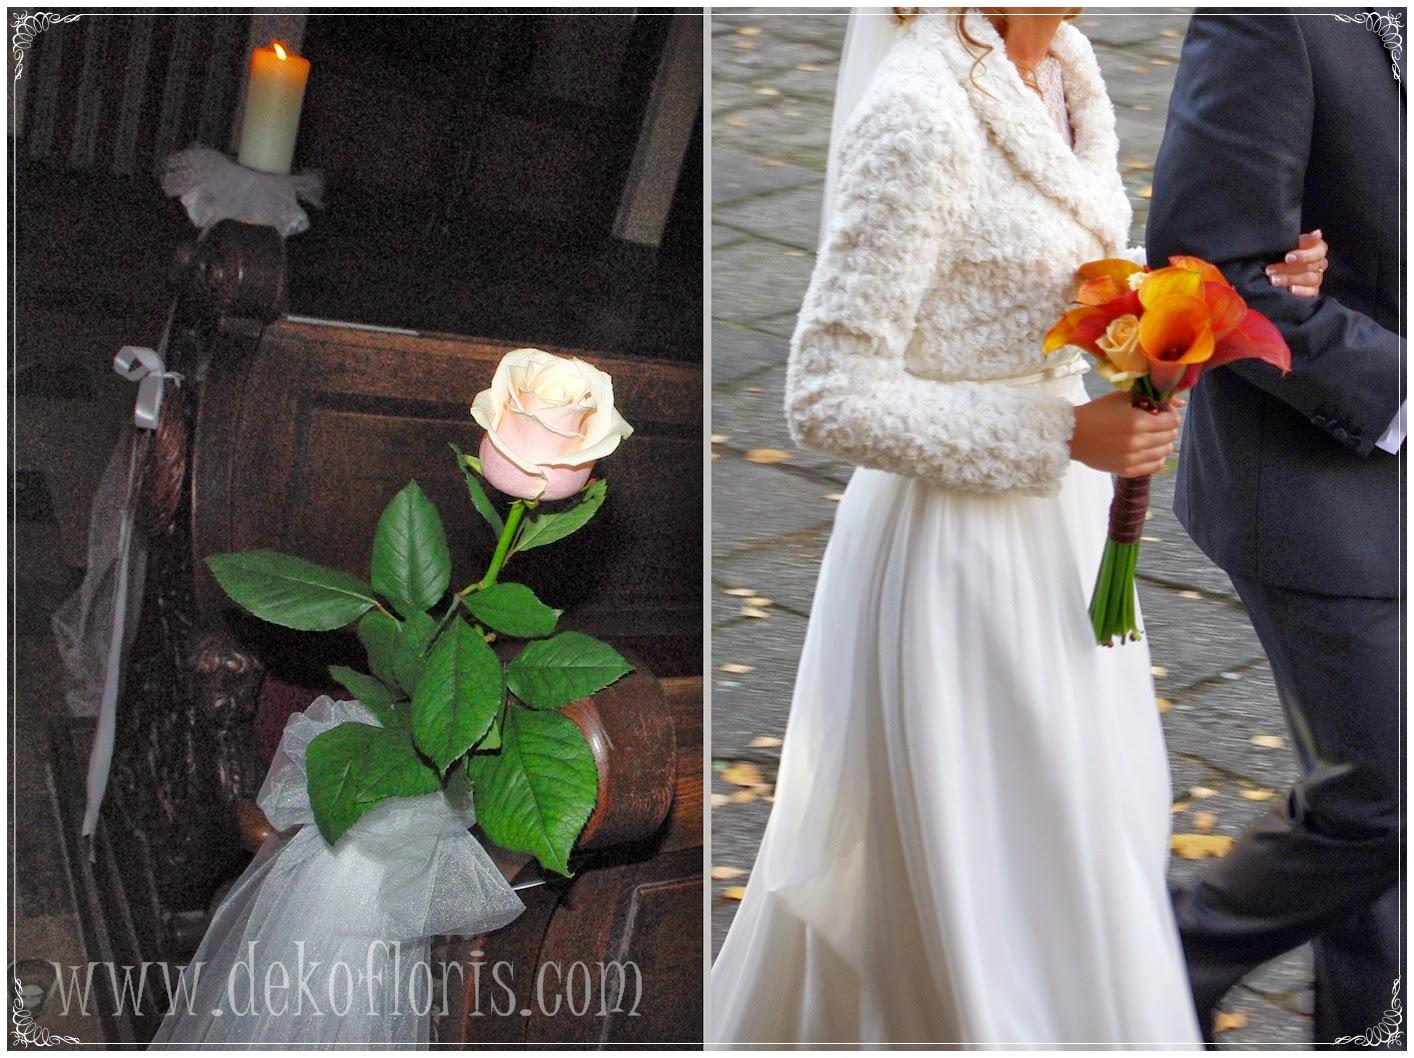 bukiet slubny do kremowej sukni slubnej Opole, dekoracja ślubna kościoła Jezuitów Opole